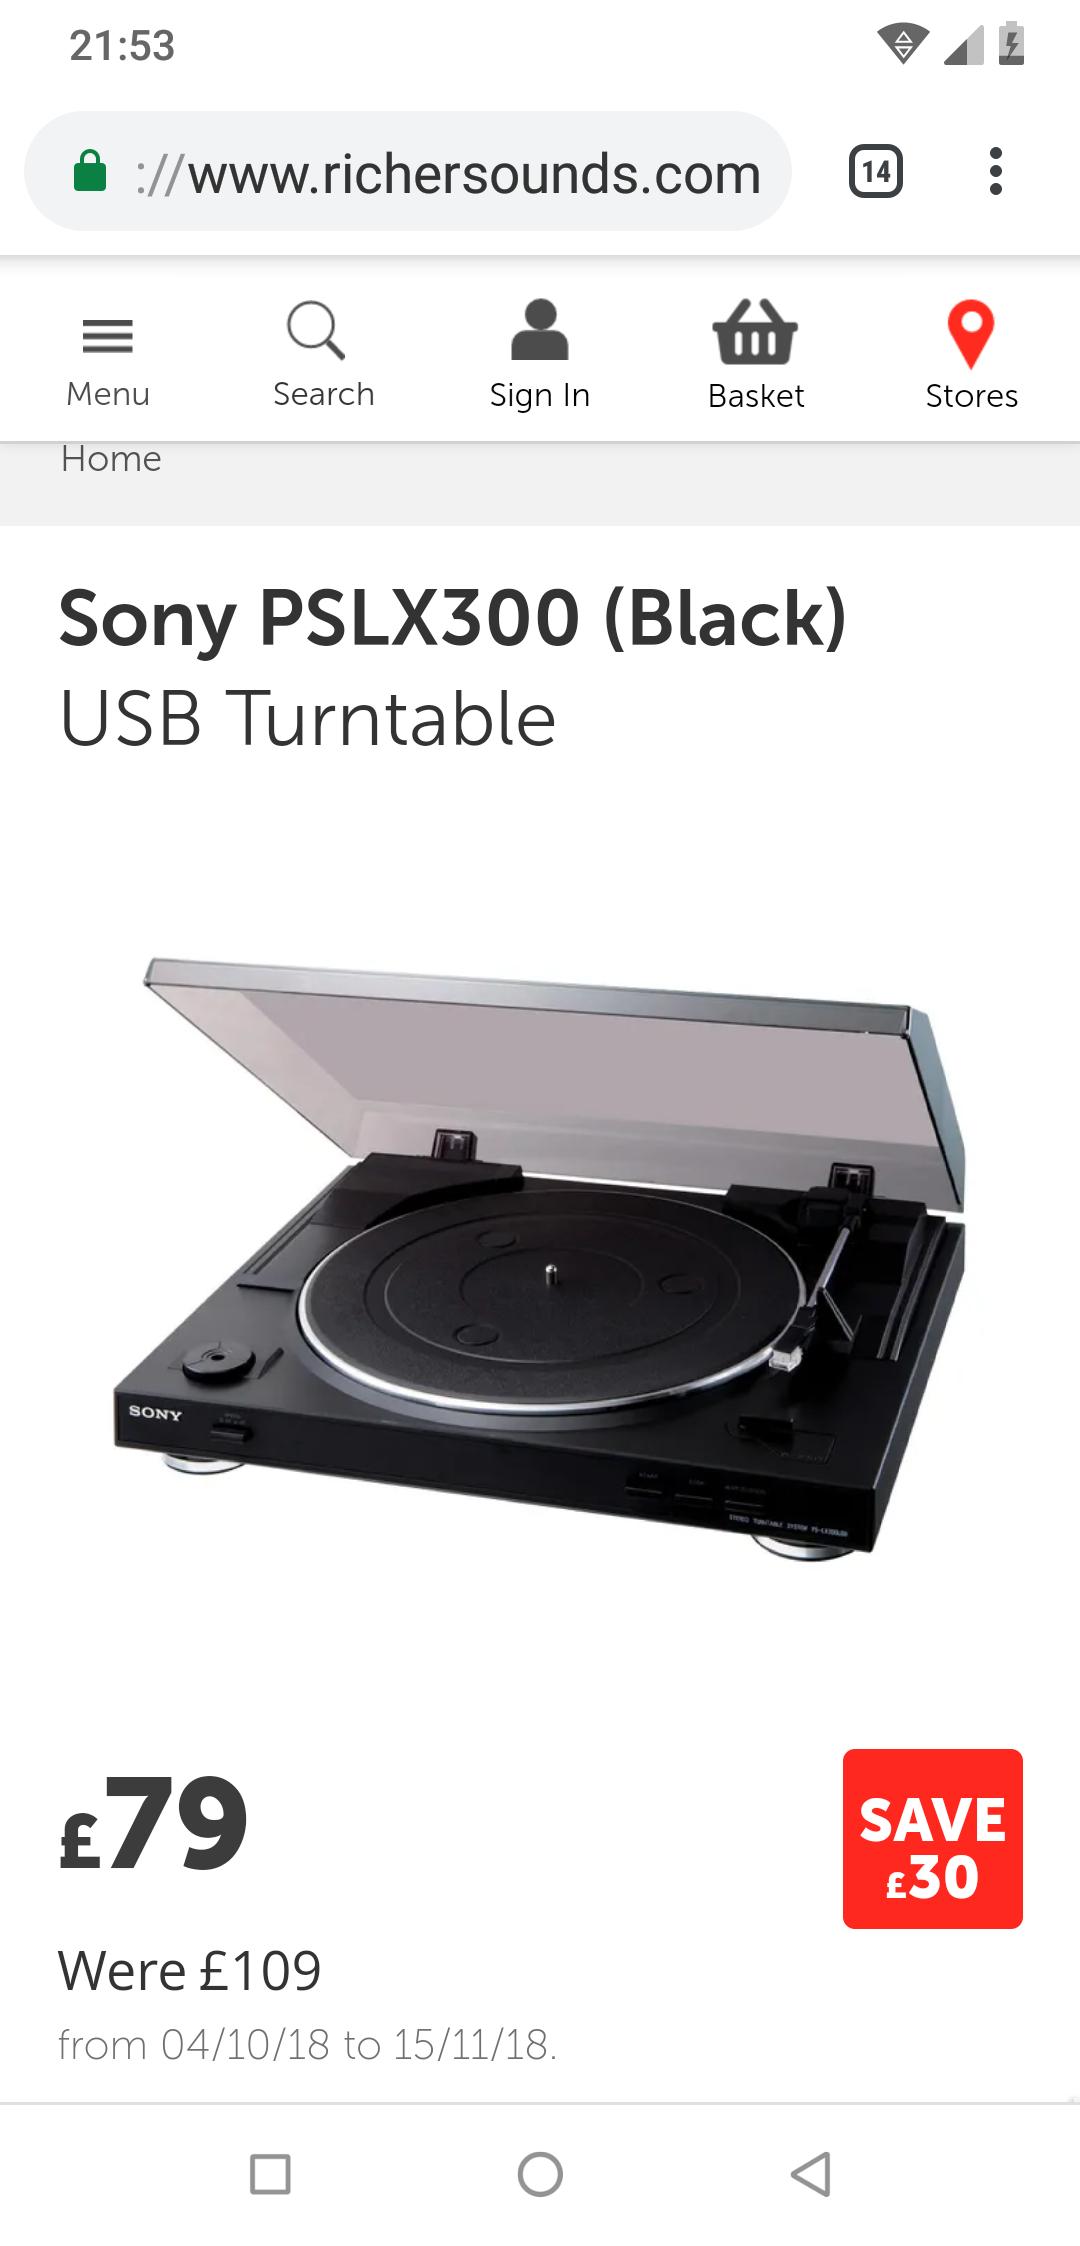 Sony PSLX300(Black)  USB Turntable £79.99 @ richersounds